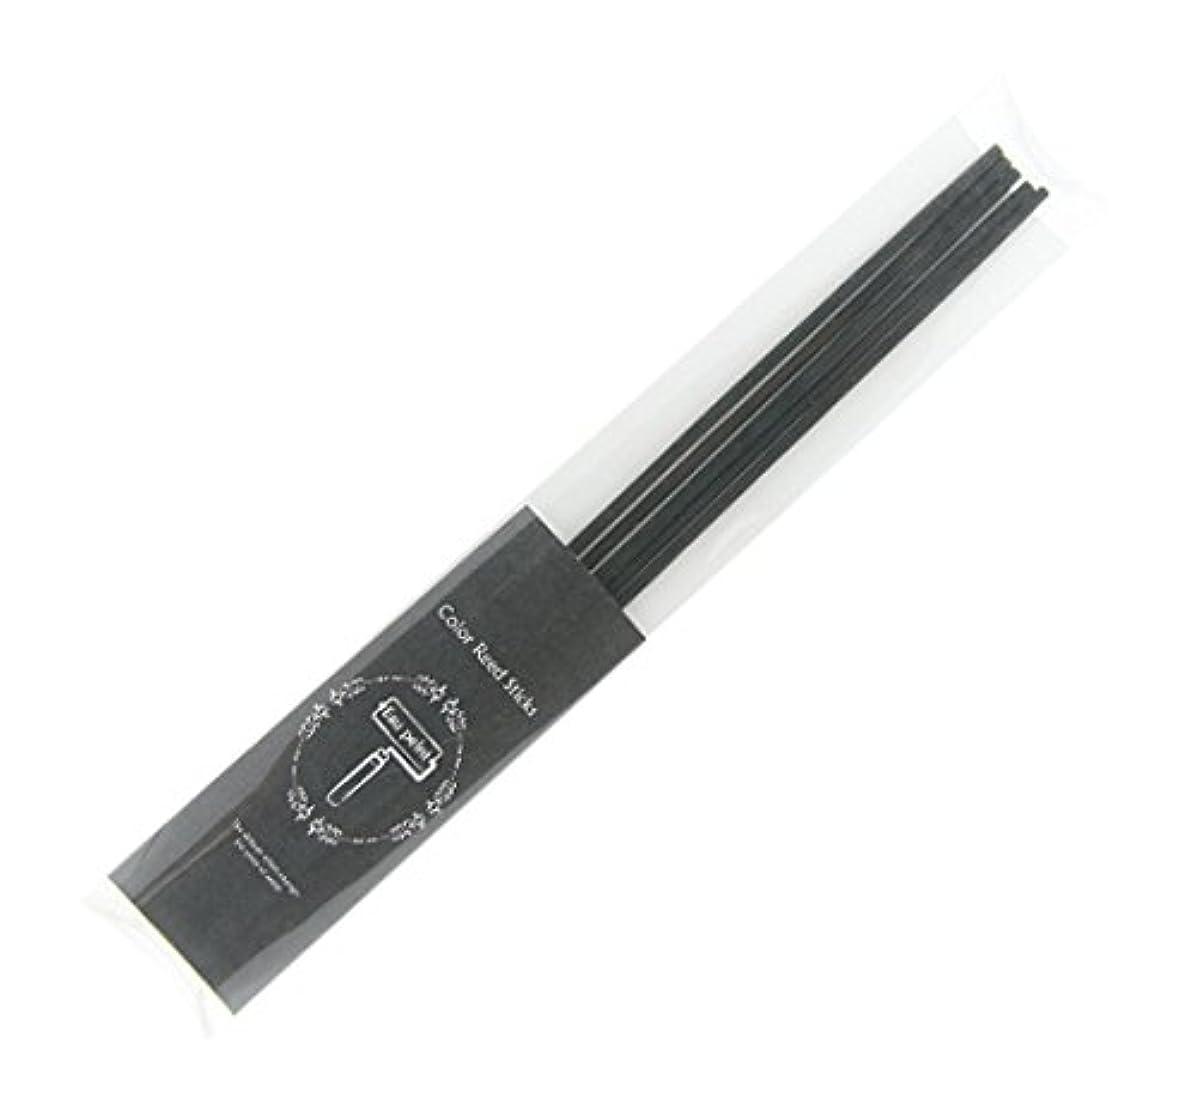 レースブレンド考えEau peint mais+ カラースティック リードディフューザー用スティック 5本入 ブラック Black オーペイント マイス